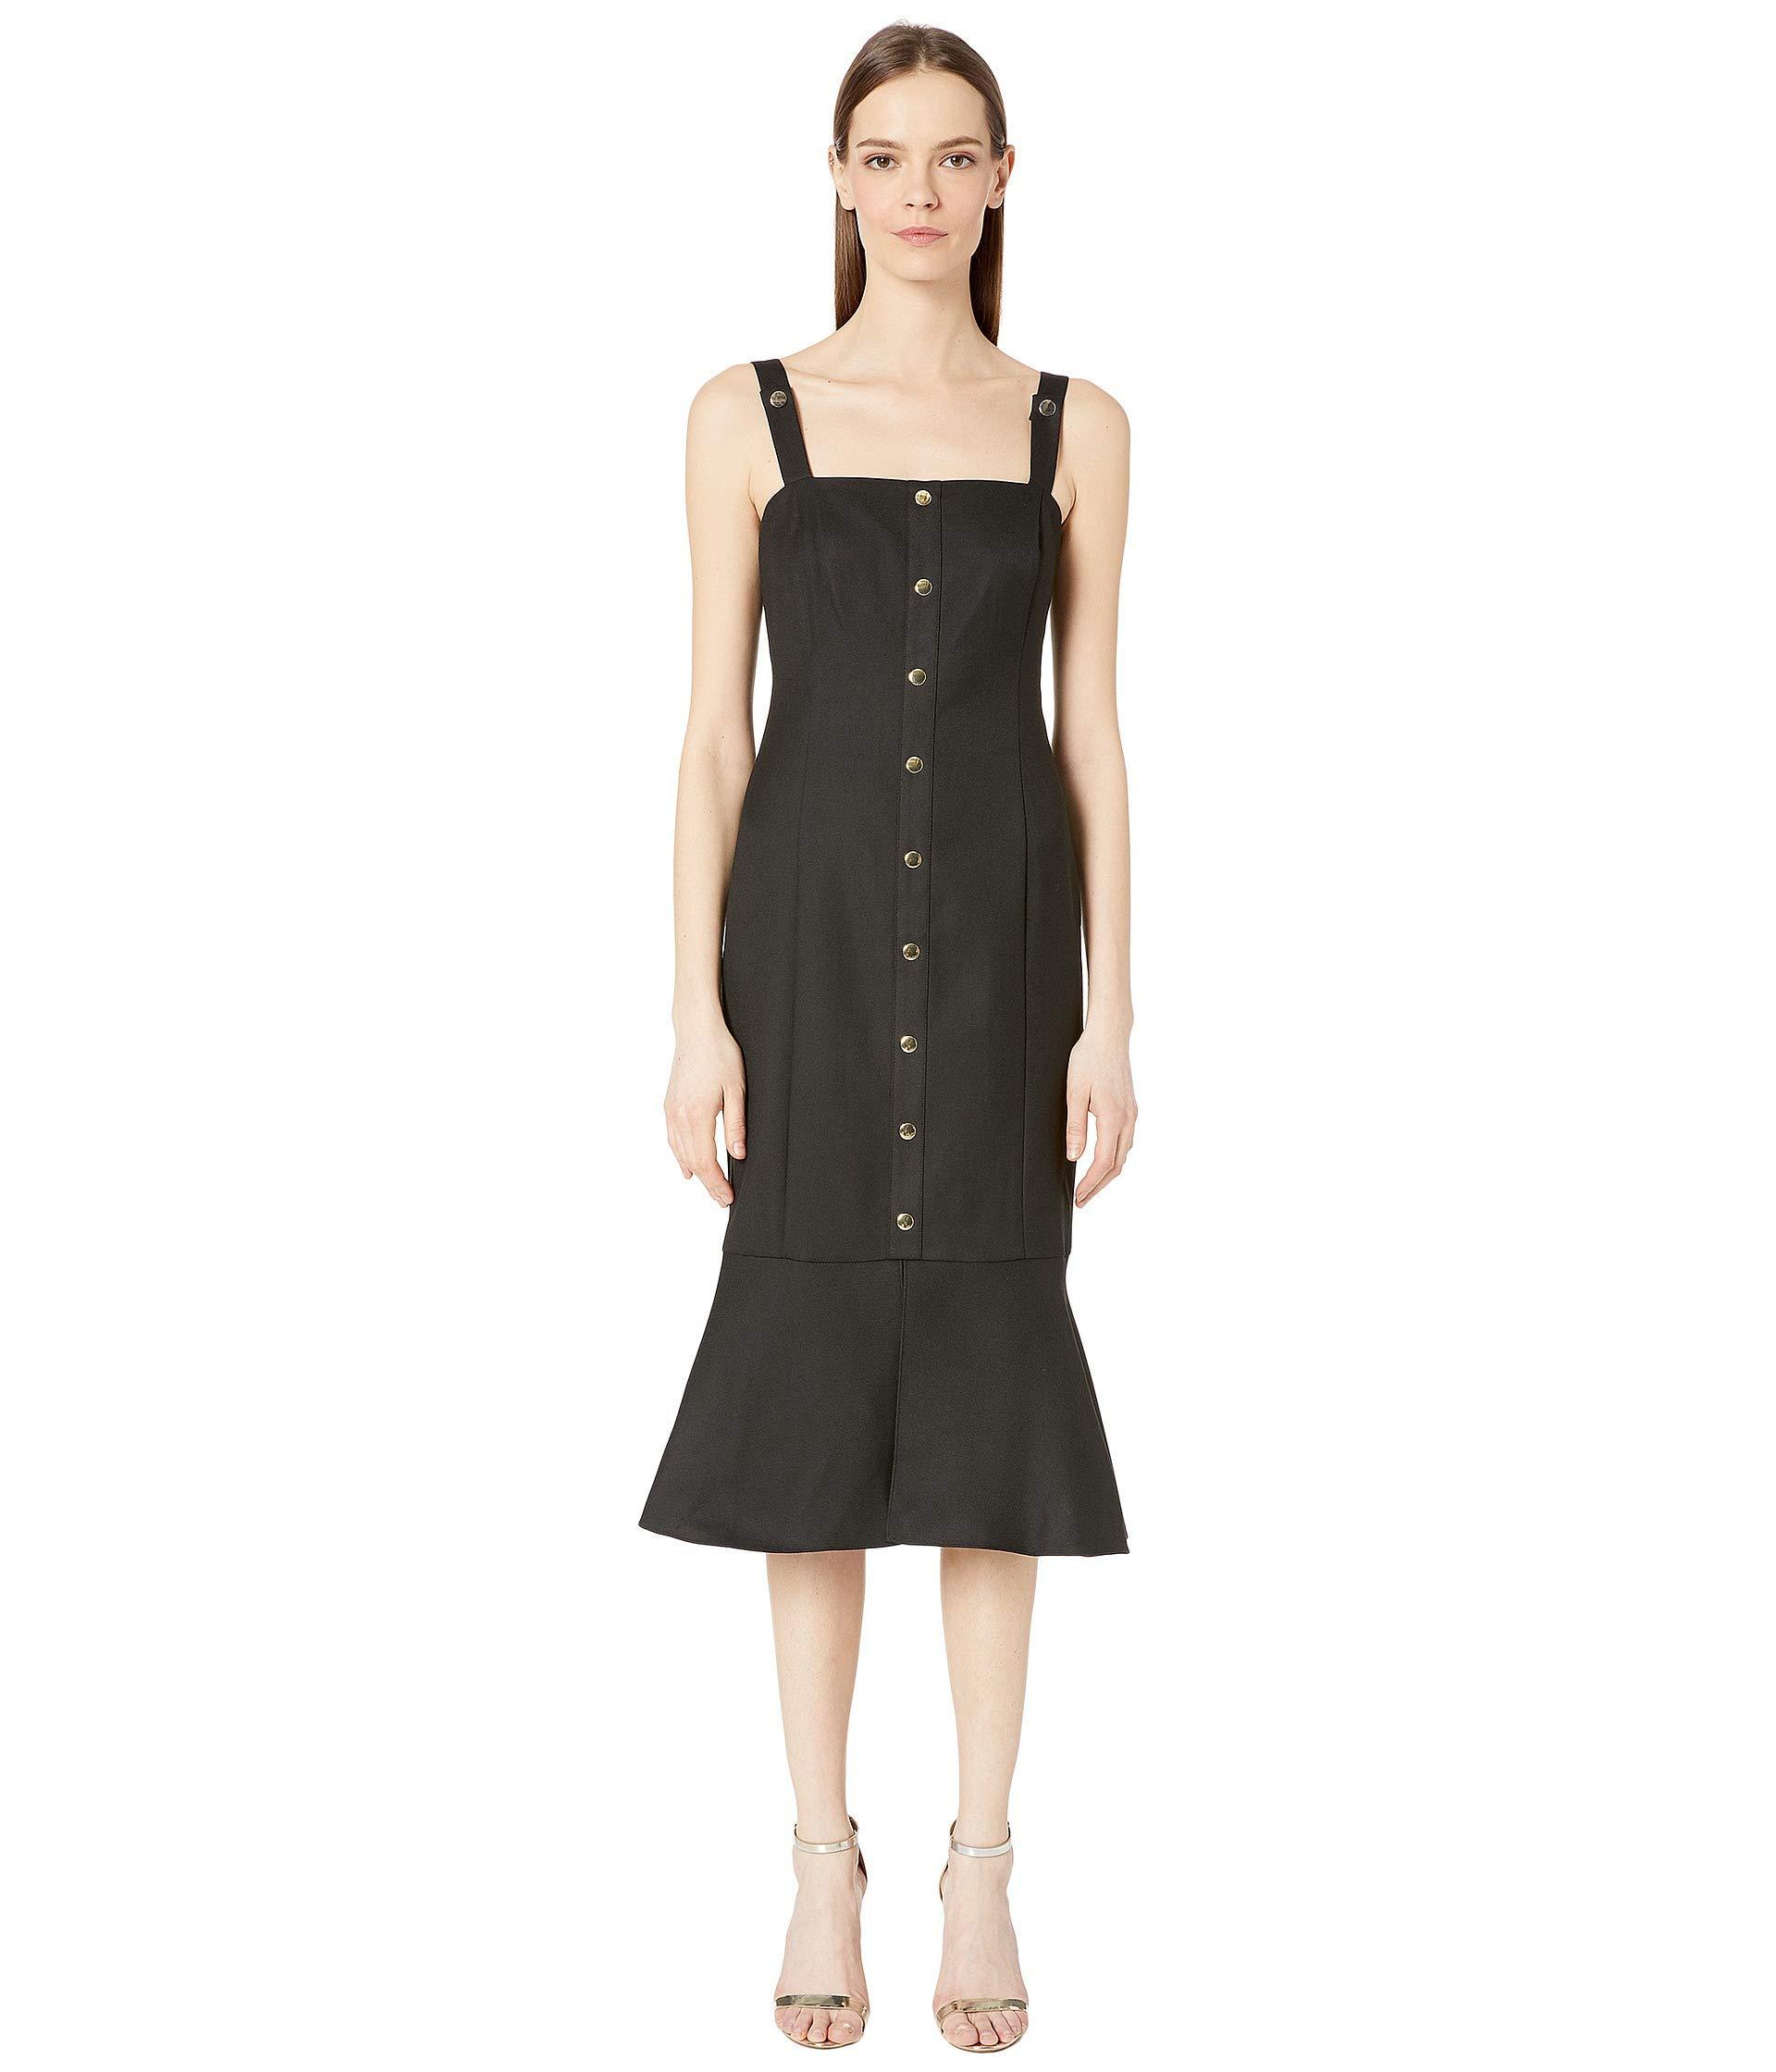 2b45c88544b Lyst - Rachel Zoe Camille Dress (black) Women s Dress in Black